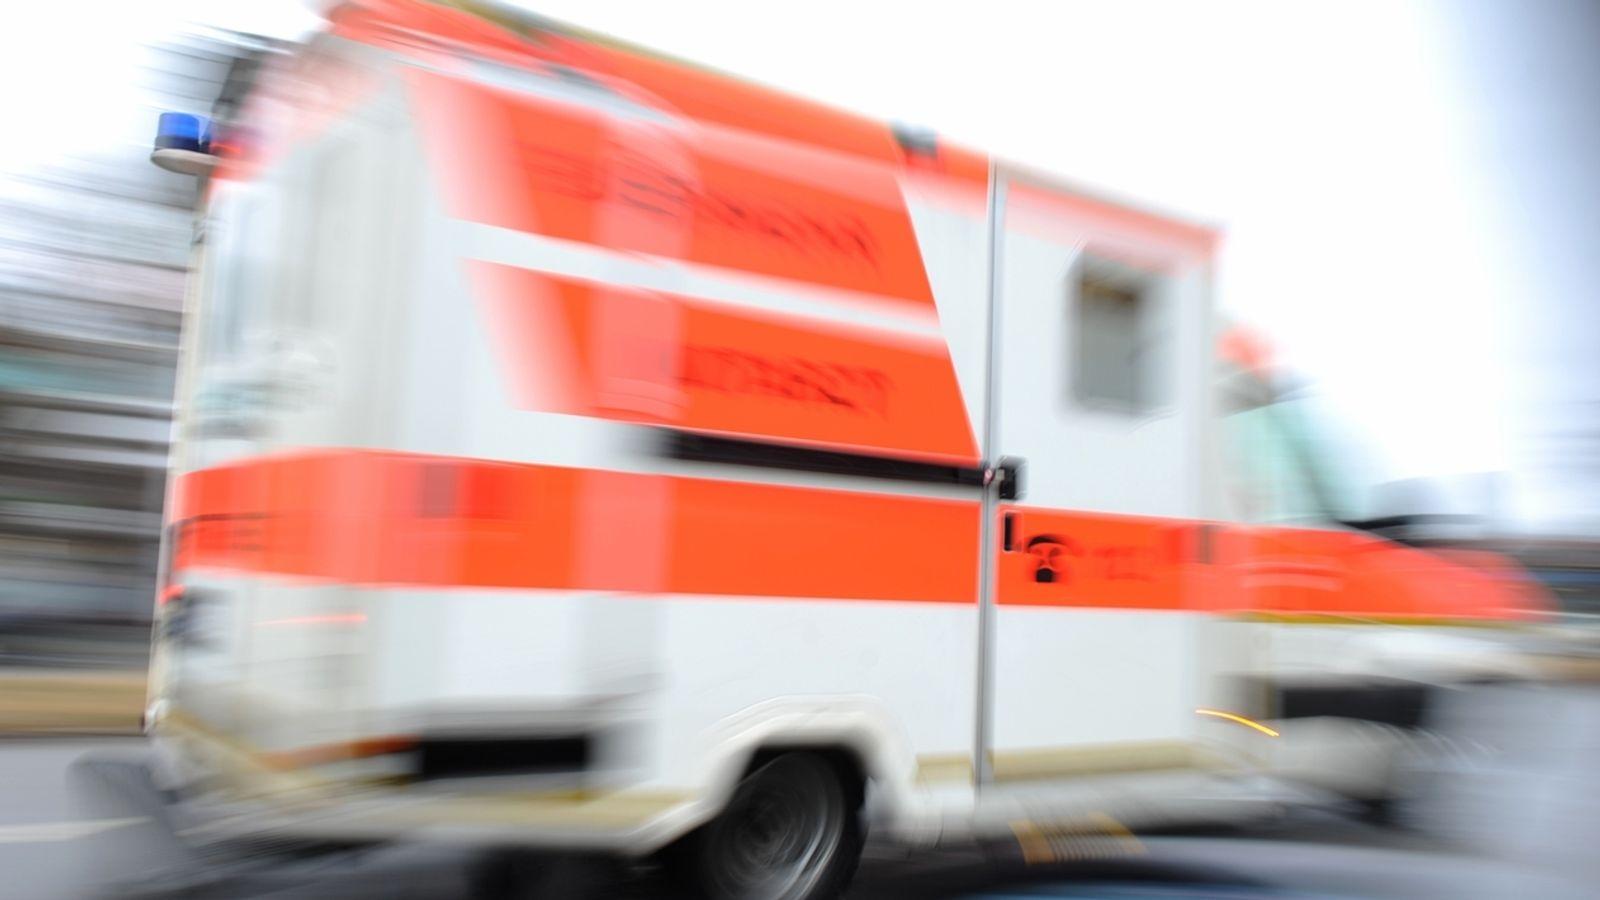 Würzburg: Diebe klauen Teile von Rettungswagen